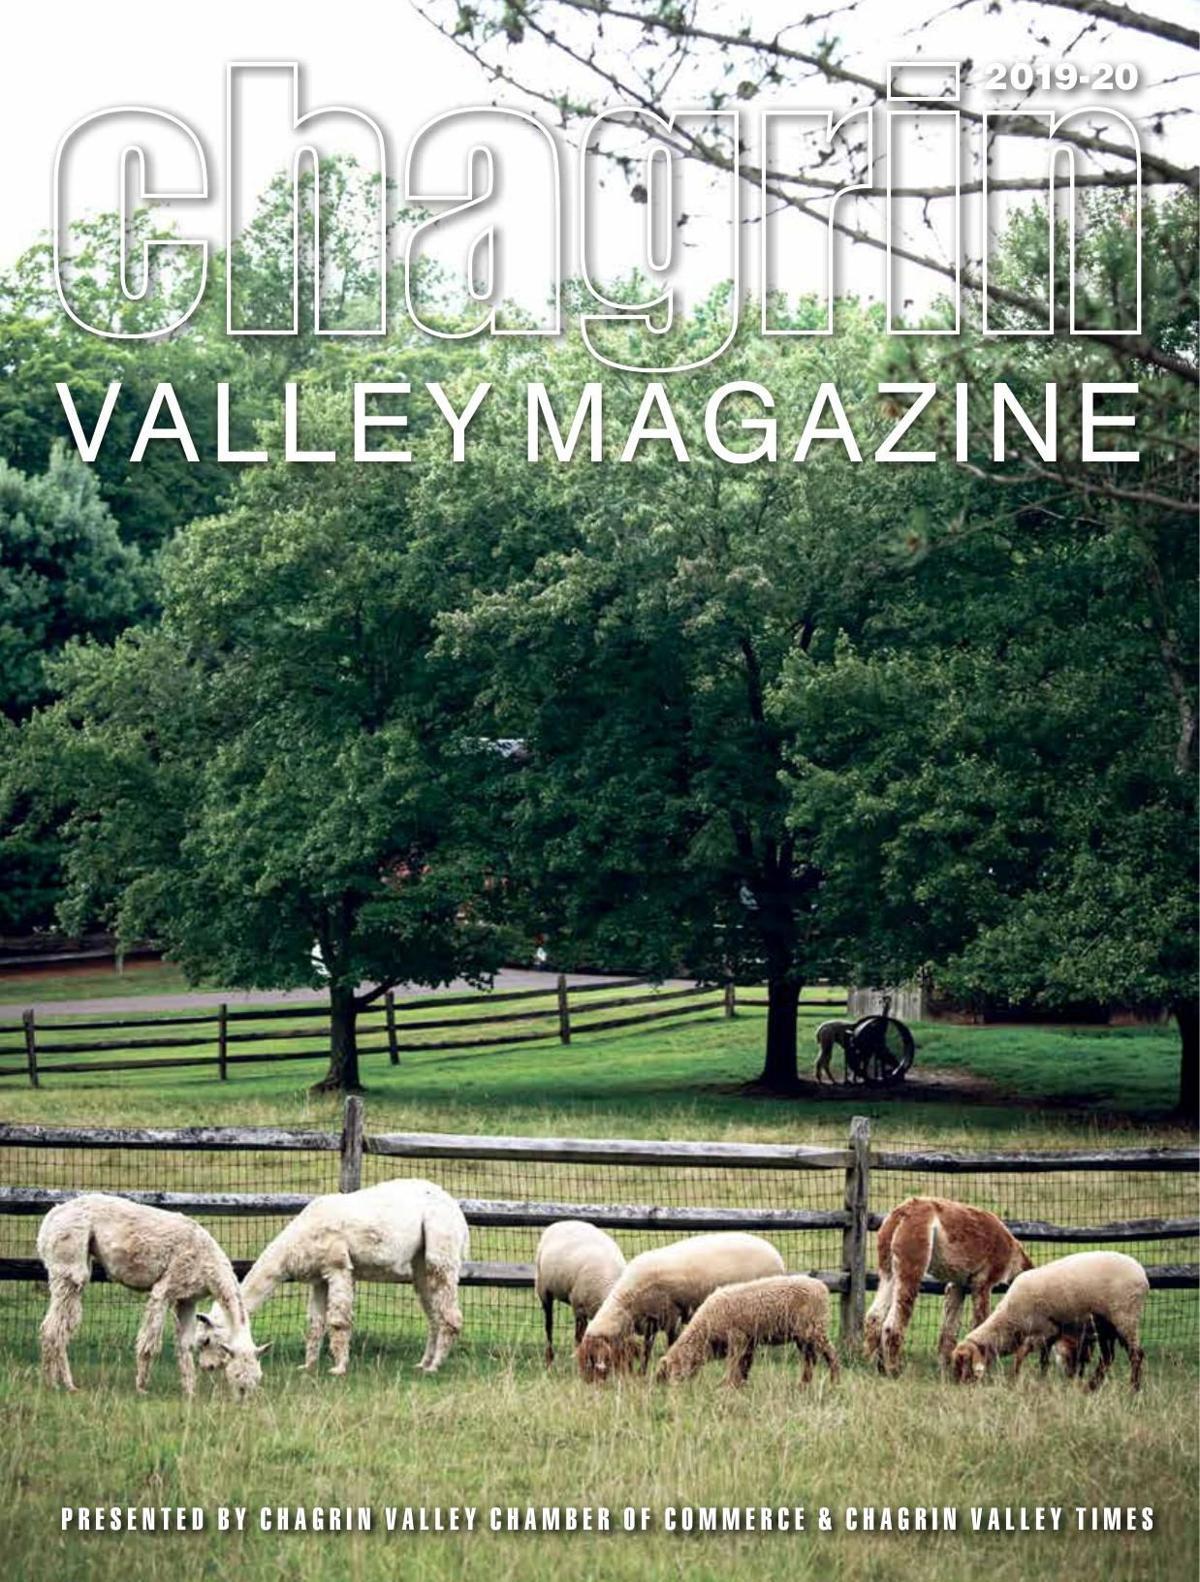 Chagrin Valley Magazine 2019-20